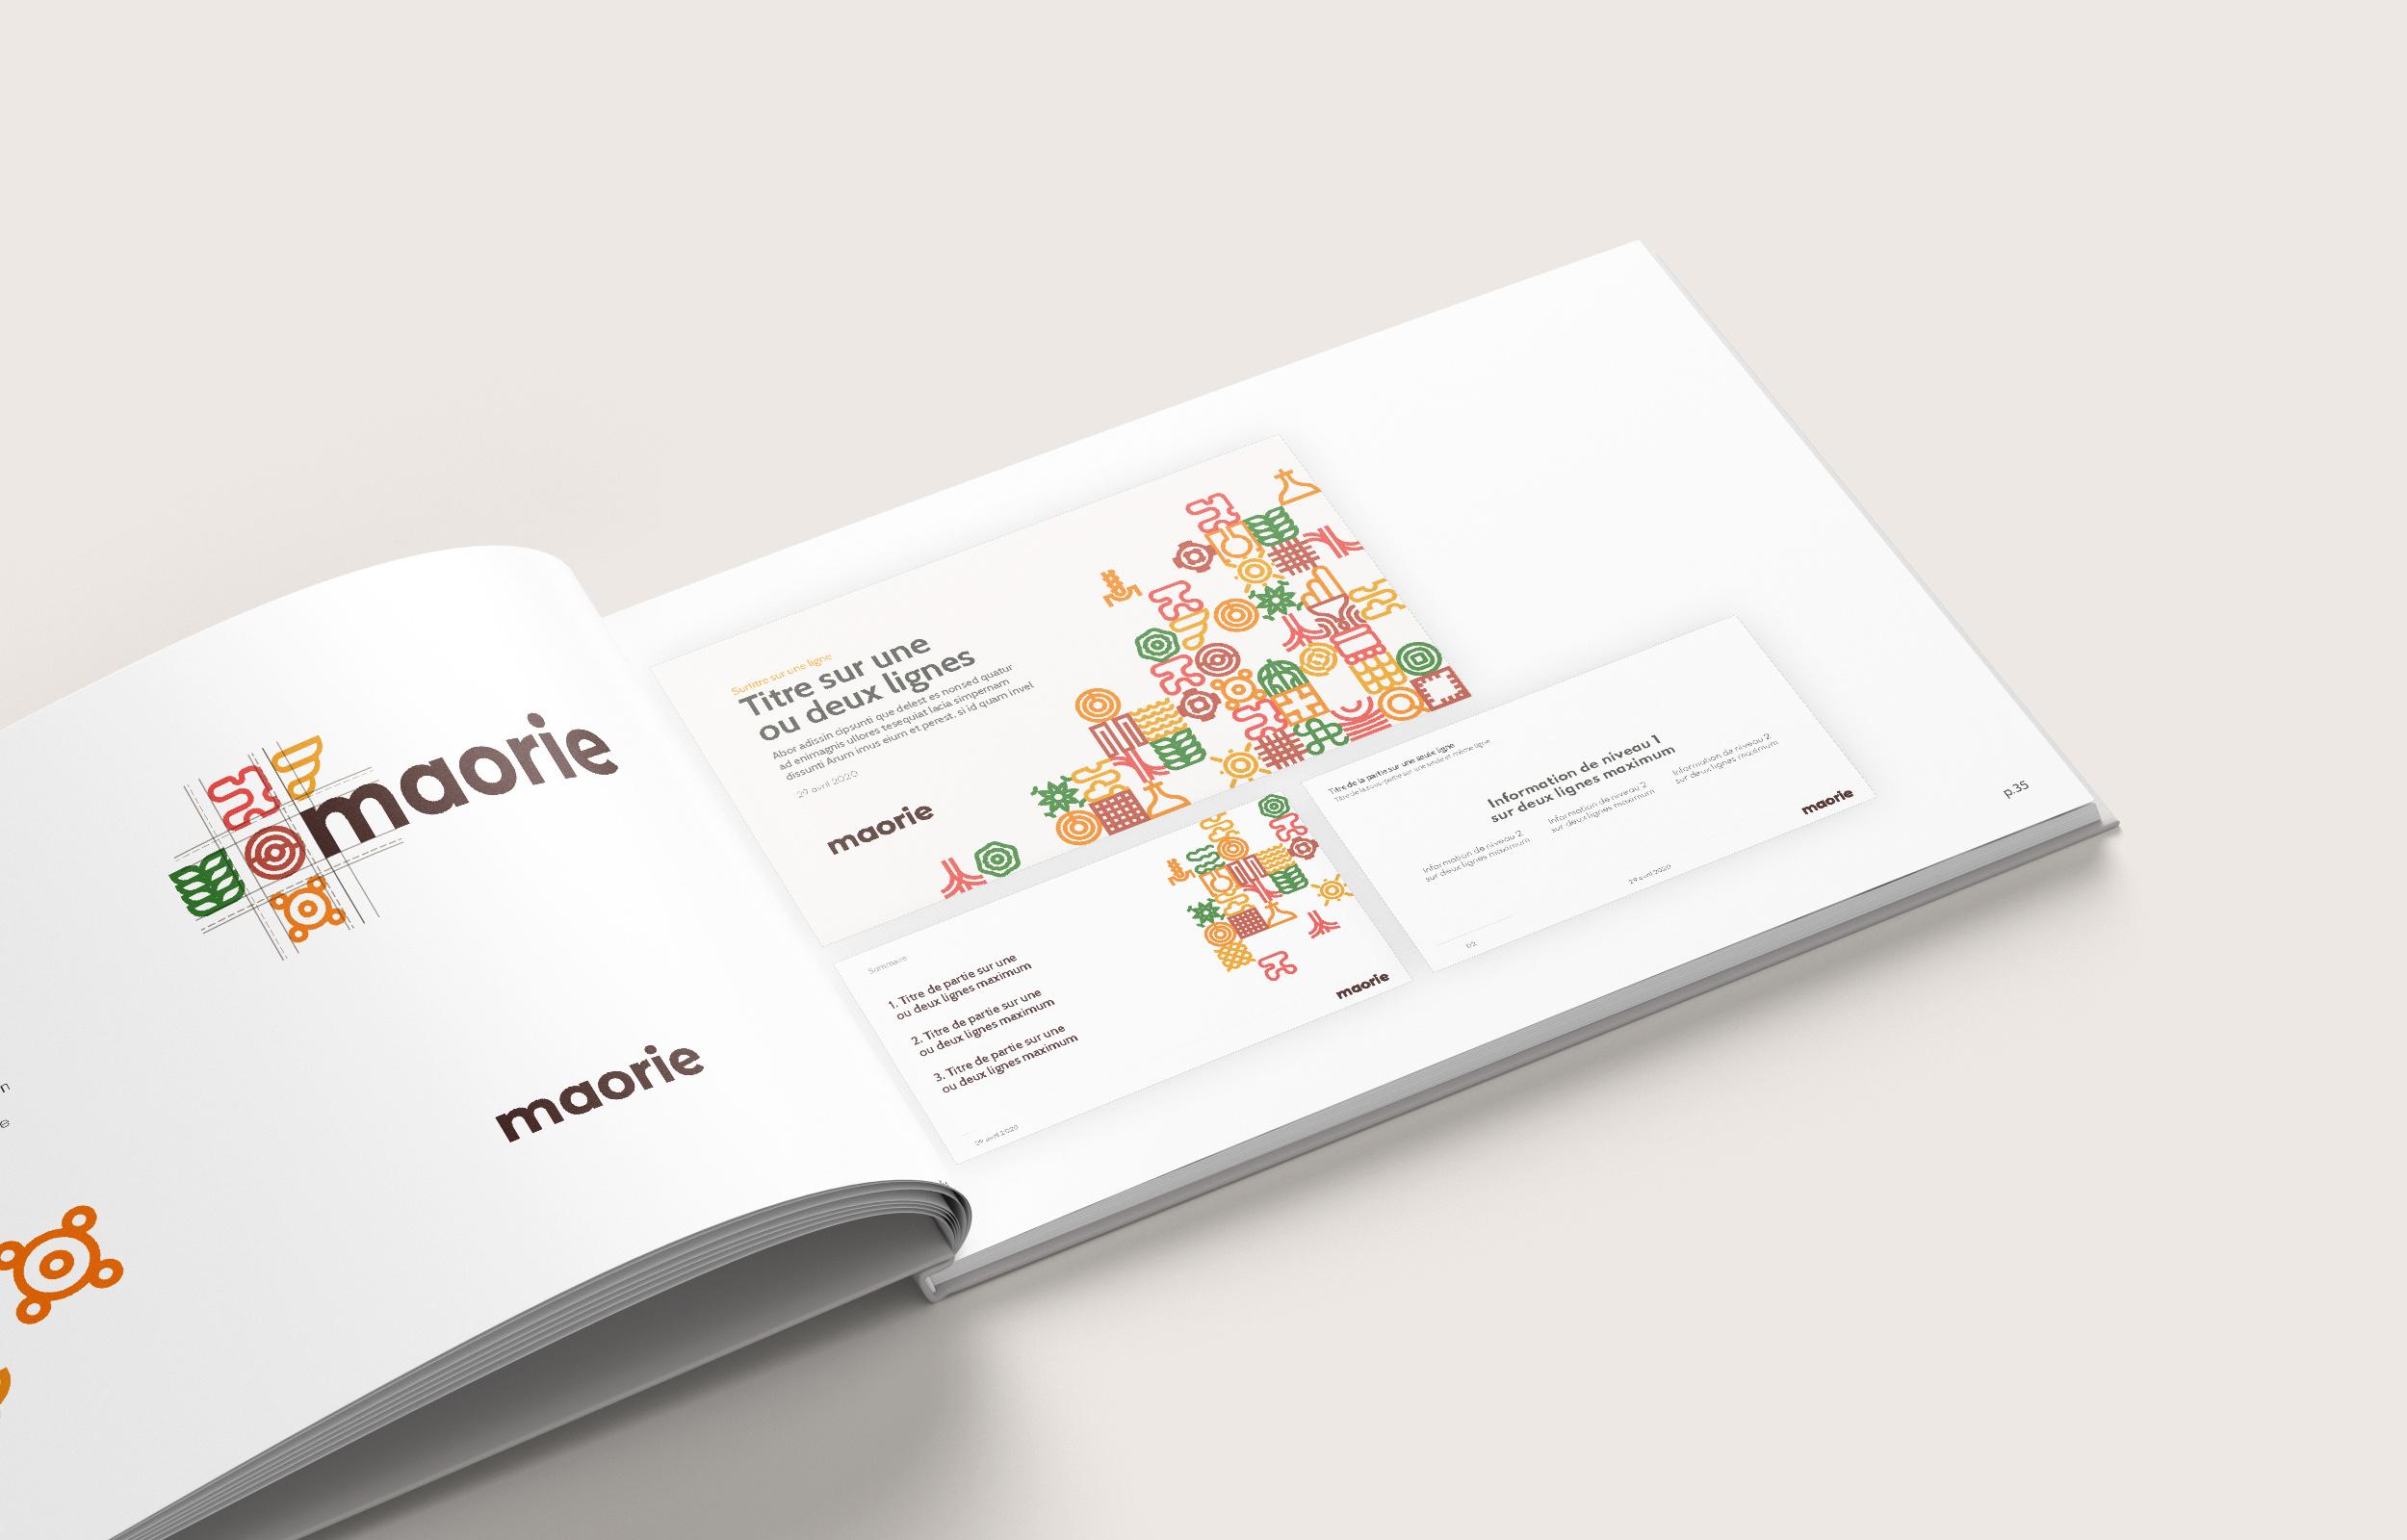 charte graphique, identité visuelle, marque, logo